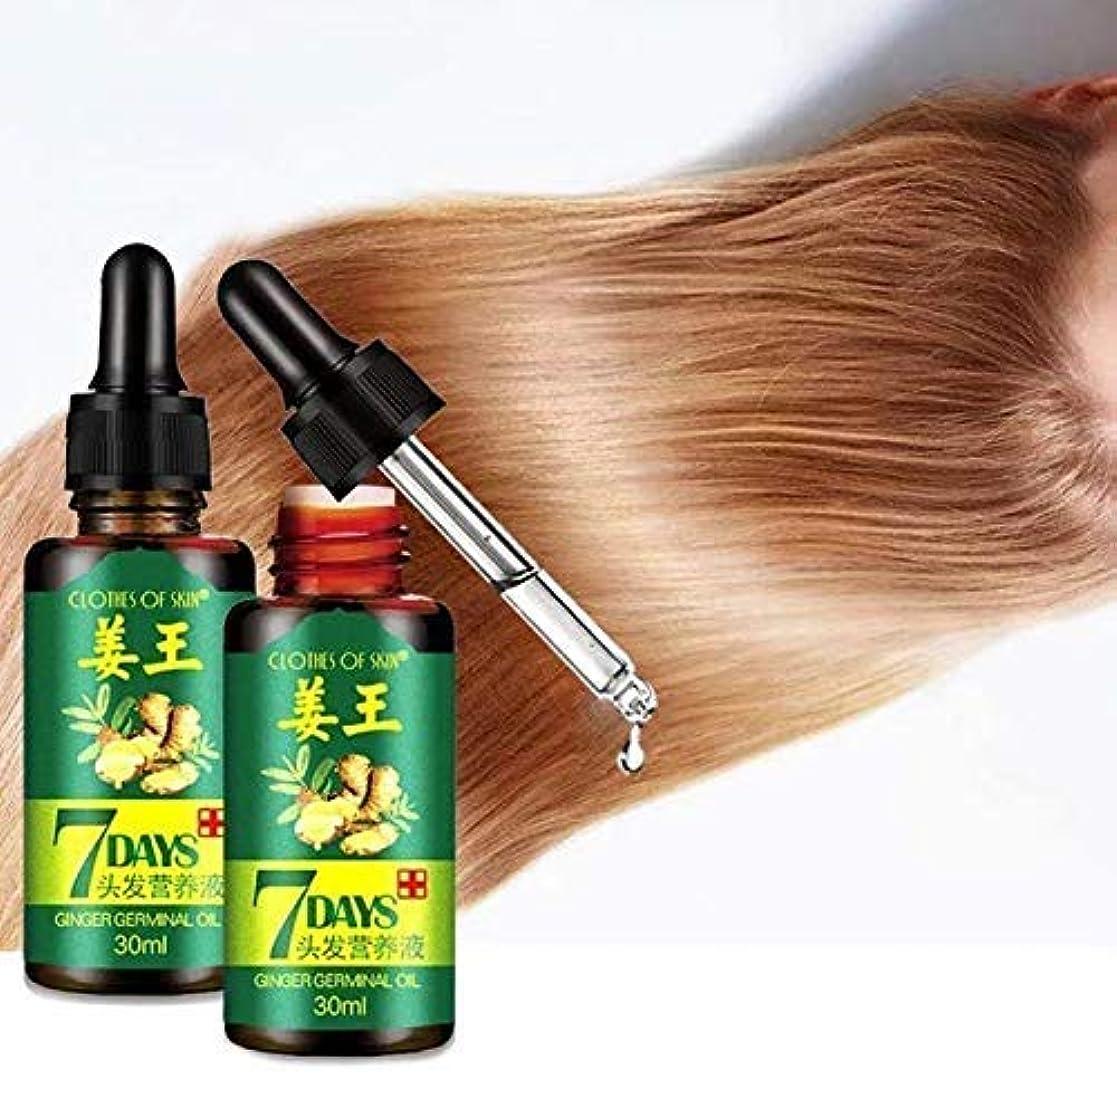 過敏なチャレンジ約設定ZooArts 育毛剤 薬用育毛トニック発毛促進 しょうが成分 天然成分 無添加 頭皮ケア 抜け毛対策 薄毛対策 ヘヤリンス アロマ スカルプエッセンス スカルプシャンプー 男女兼用 2本セット